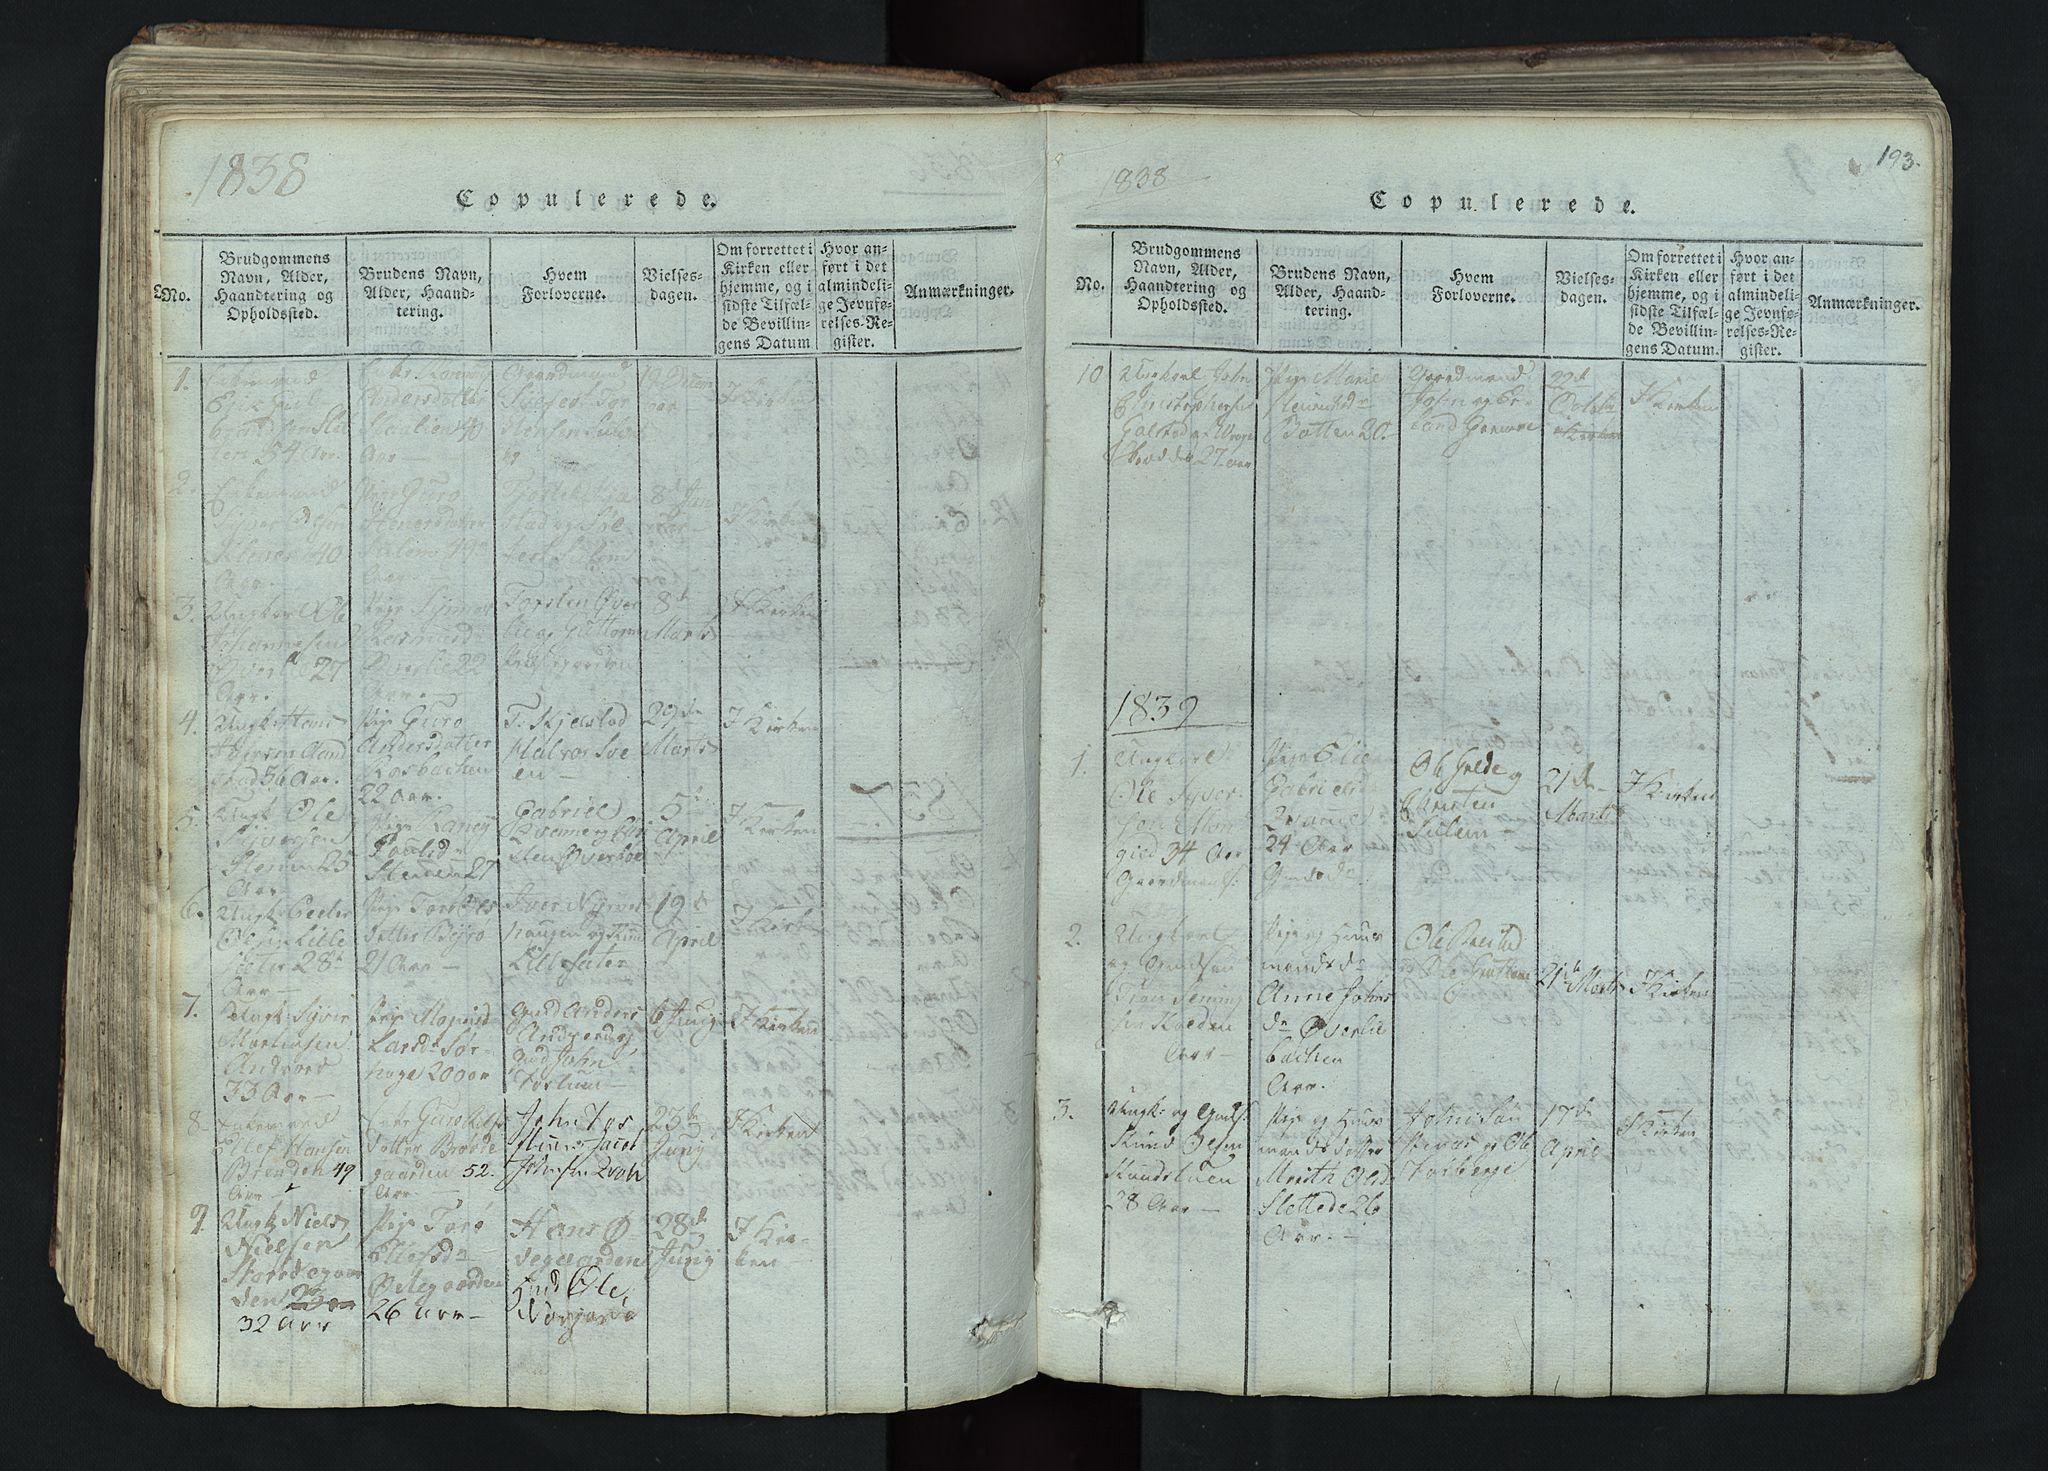 SAH, Lom prestekontor, L/L0002: Klokkerbok nr. 2, 1815-1844, s. 193